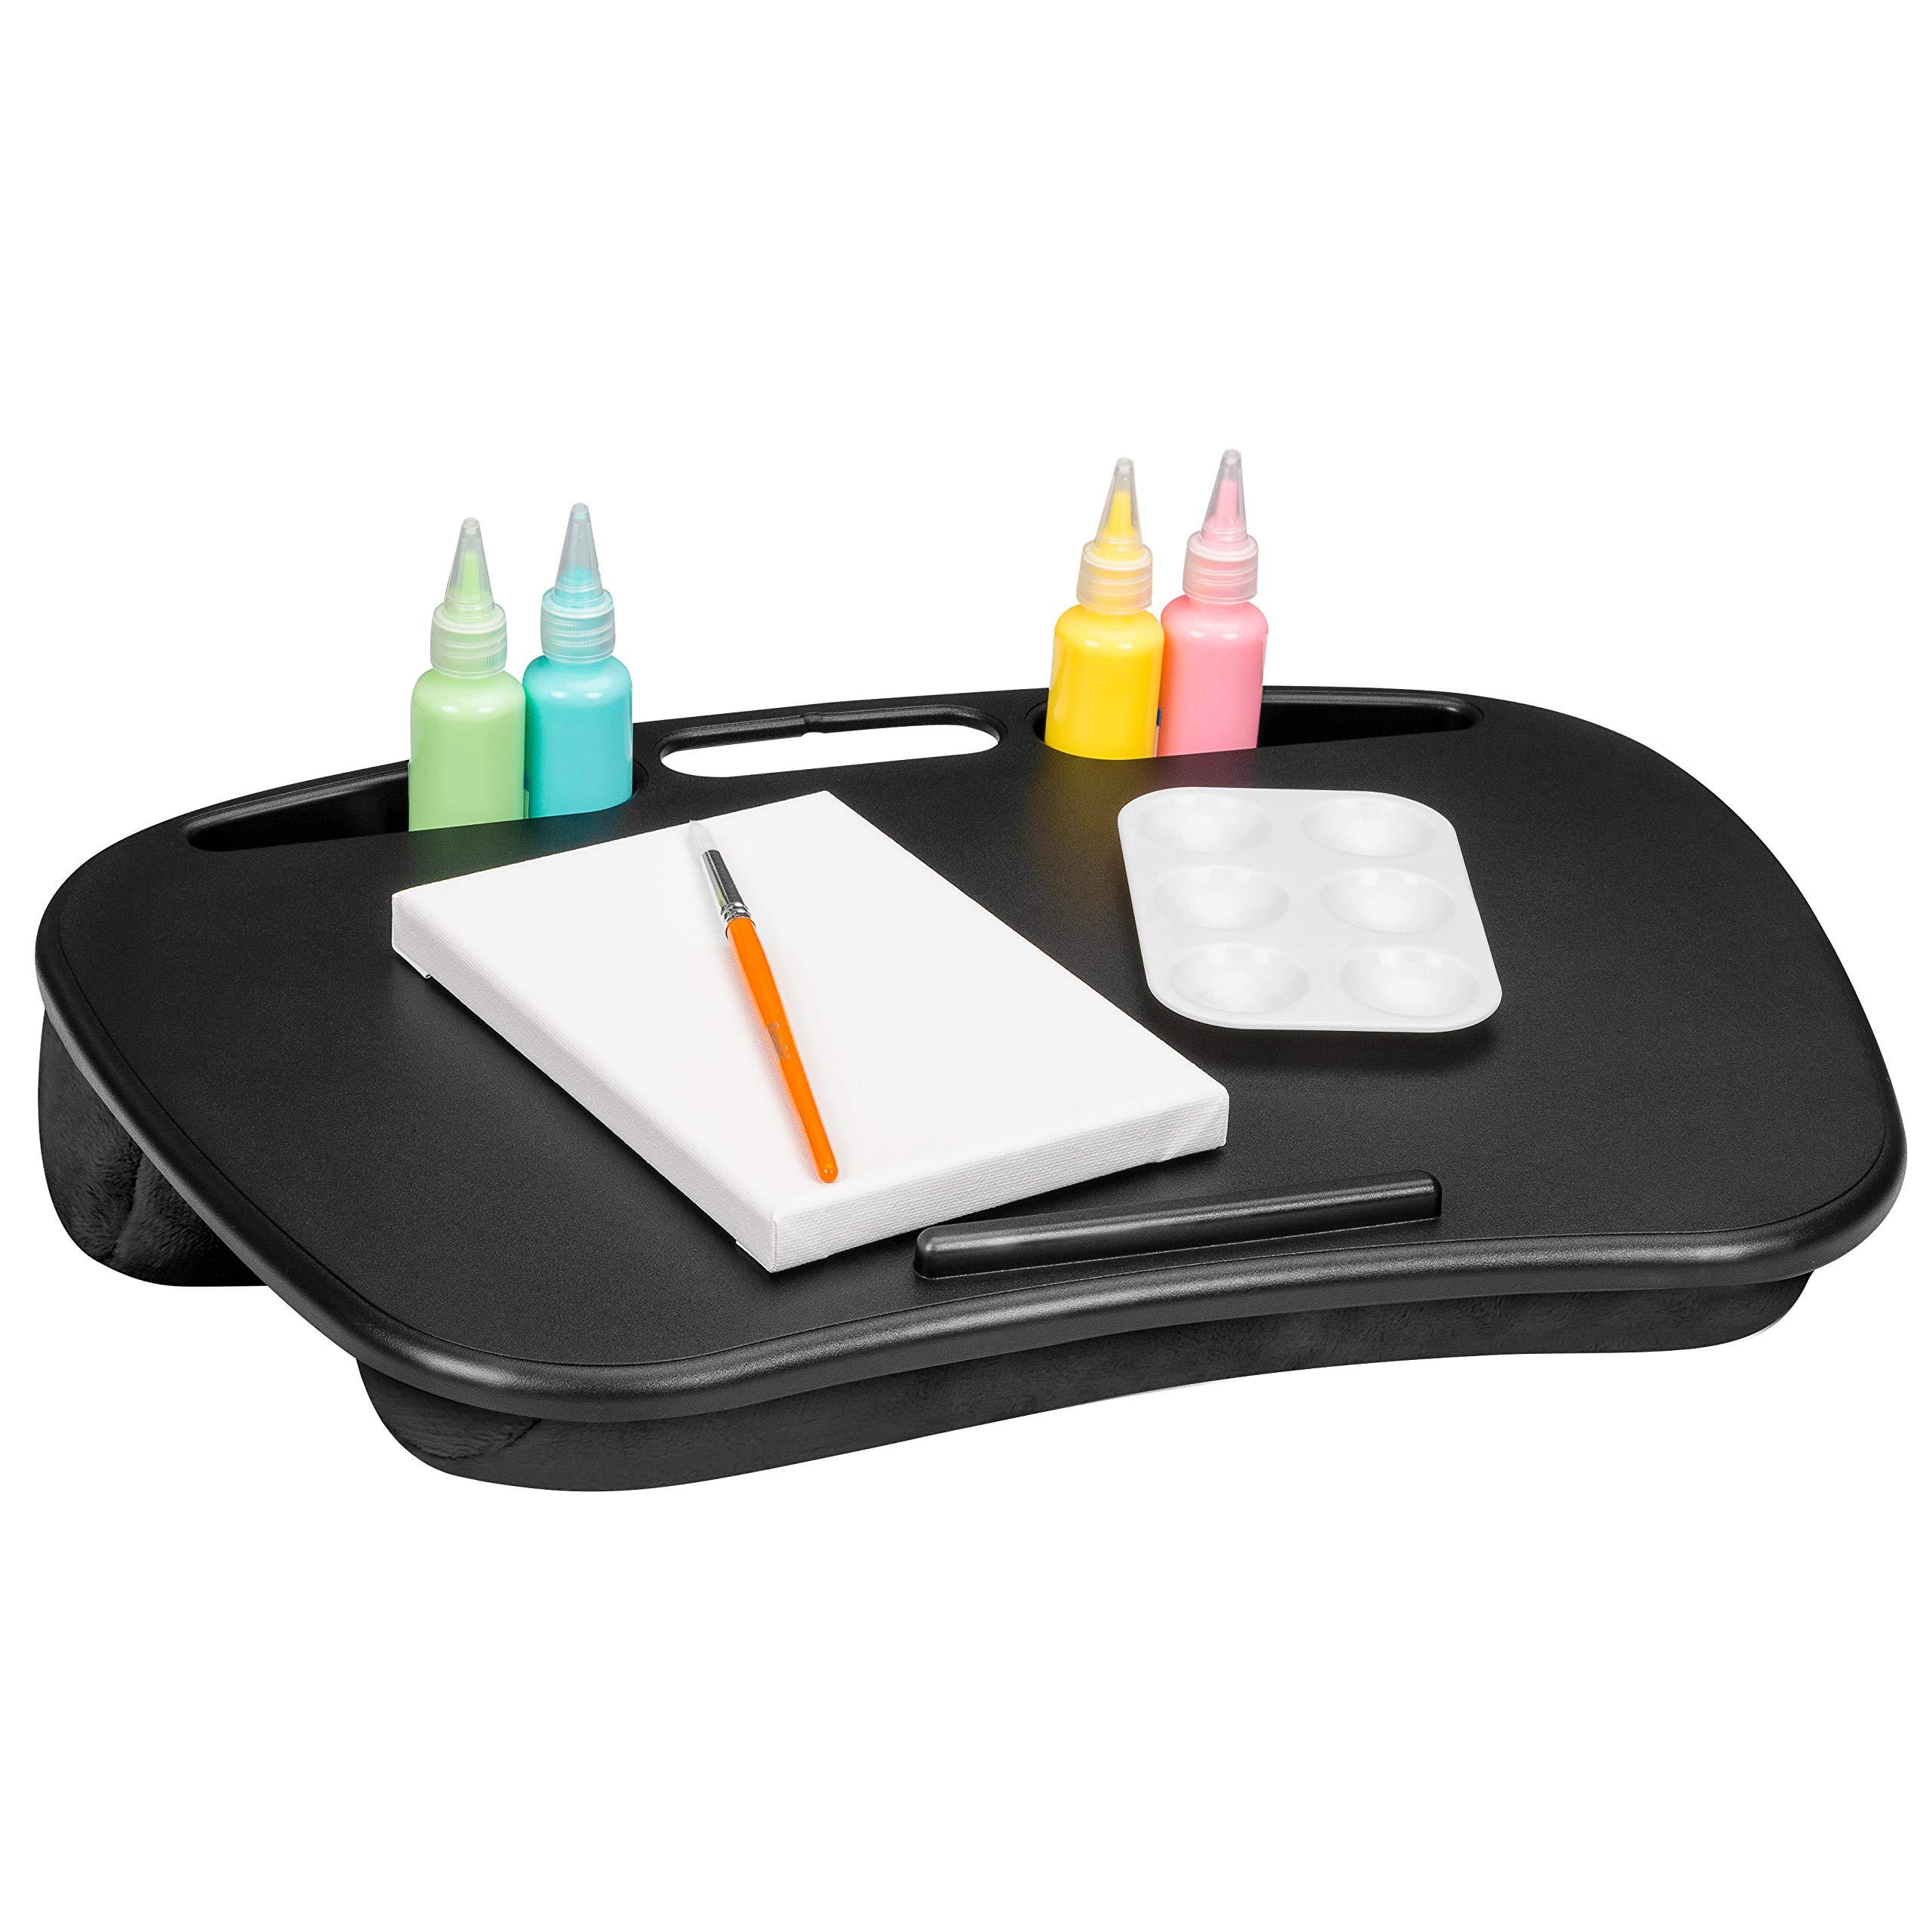 LapGear MyDesk Lap Desk - Black (Fits up to 15.6'' Laptop) - Style #44448